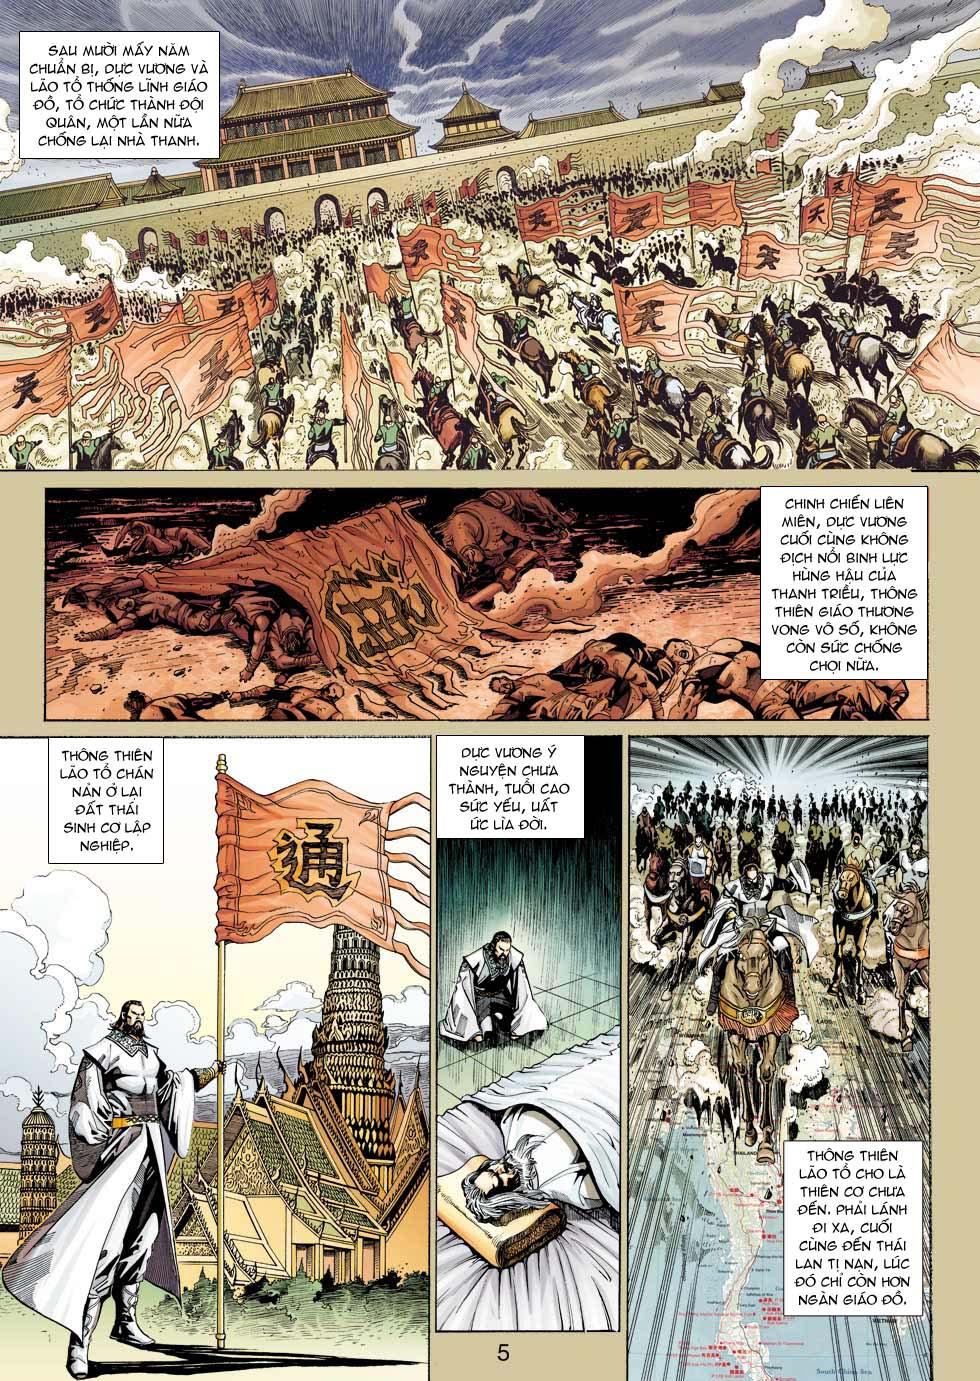 Tân Tác Long Hổ Môn chap 343 - Trang 5